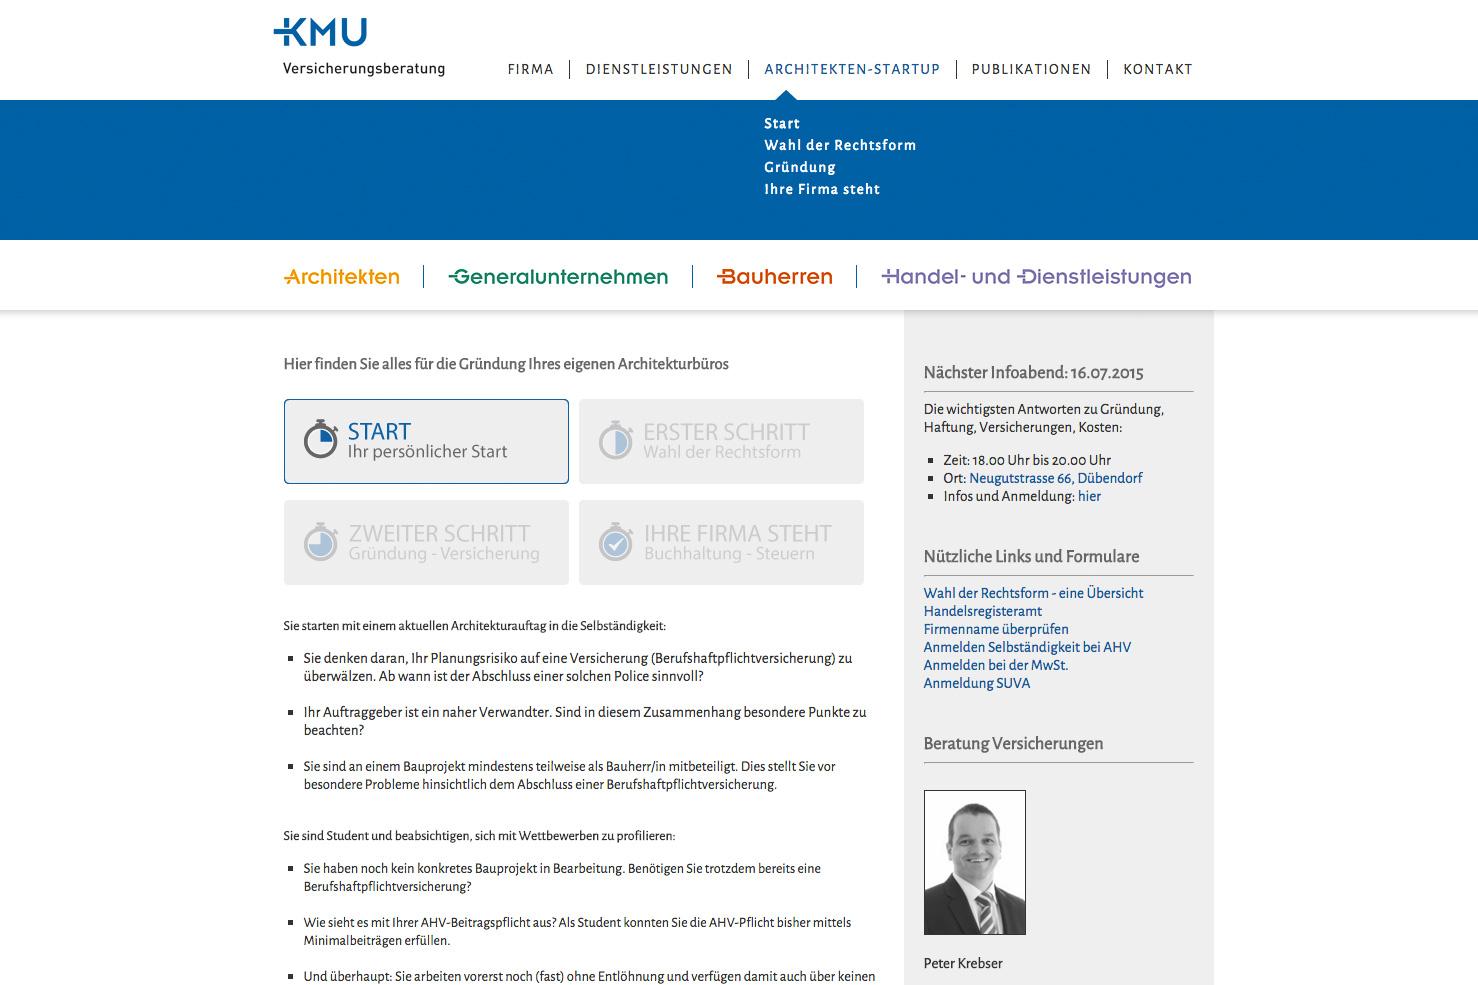 Bild 2 vom KMU Versicherungsberatung Webseite